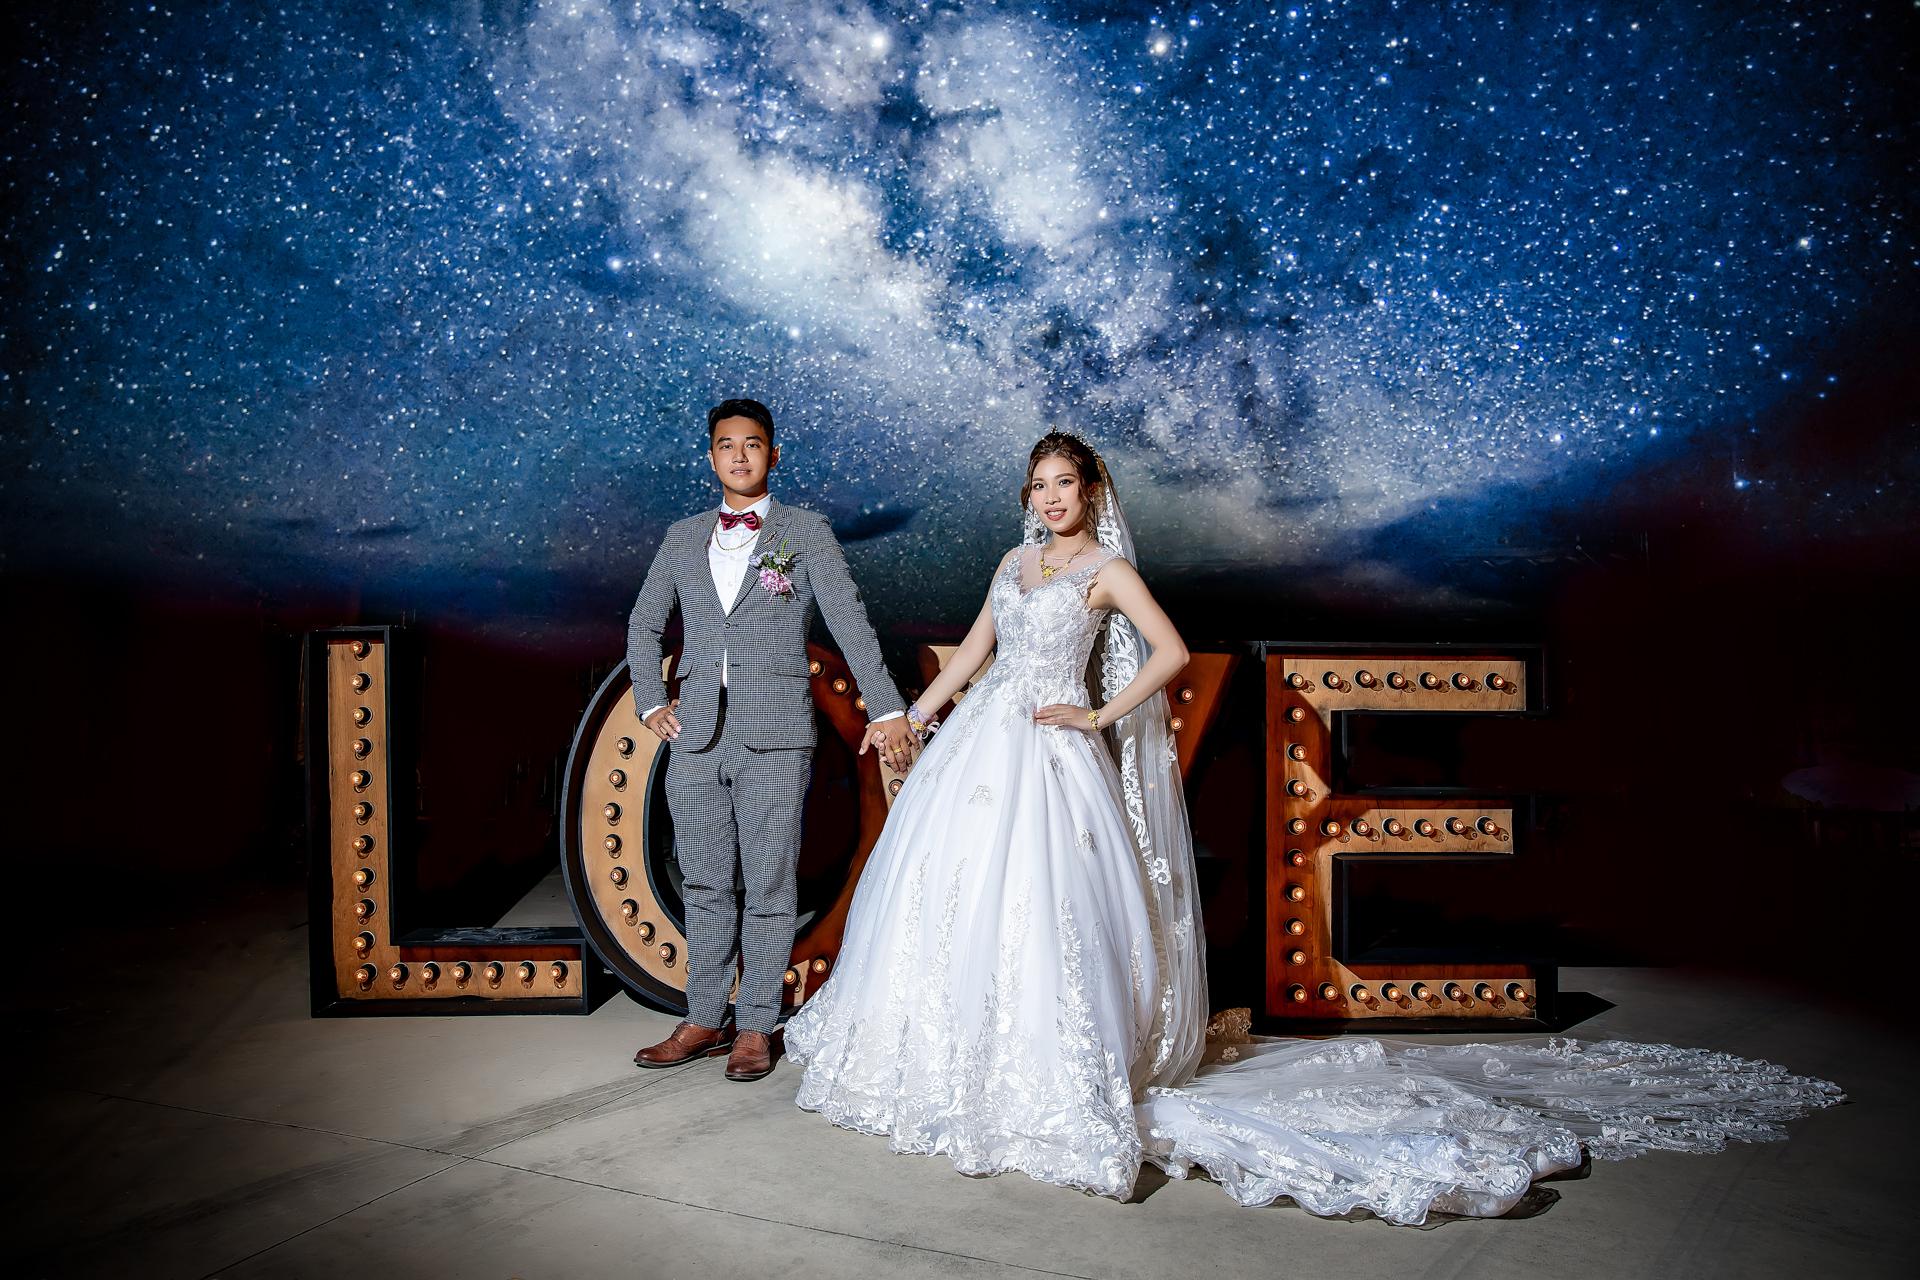 婚禮攝影 [來鑫❤欣蓉] 結婚之囍@台南新化崙頂里福德祠廣場